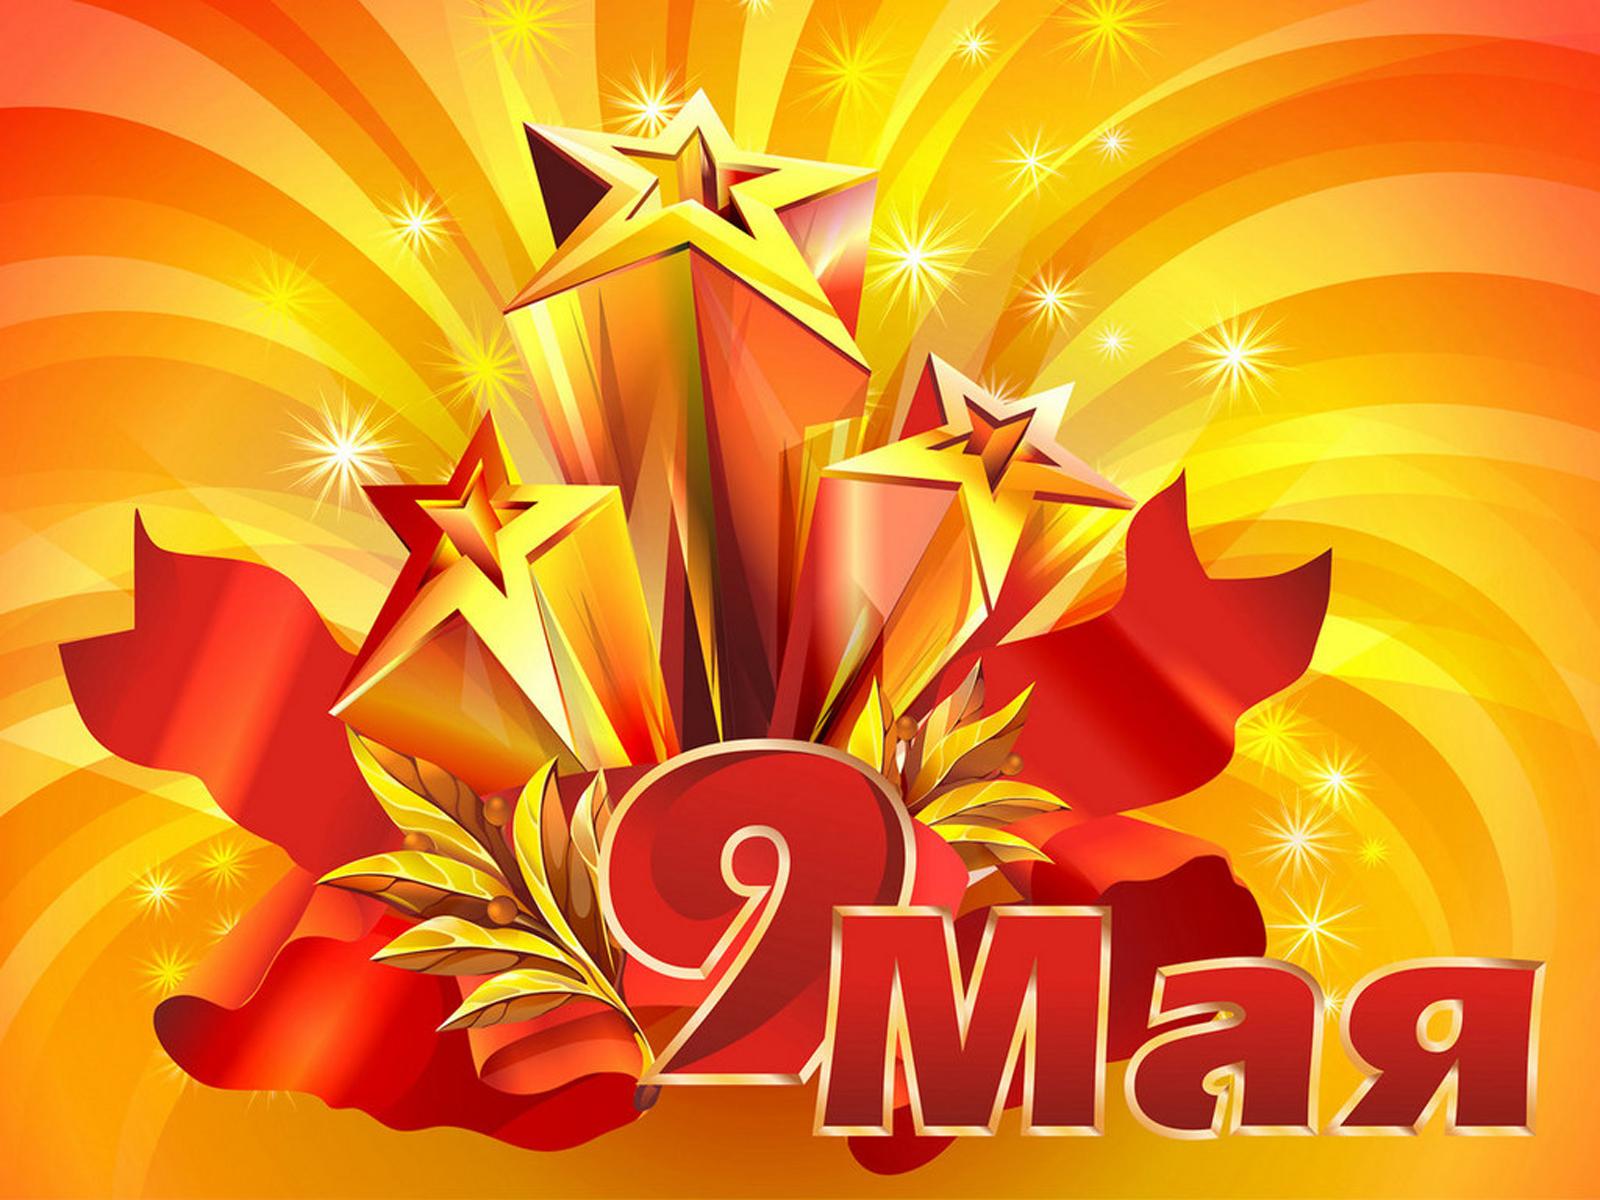 Поздравления к празднику дня победы